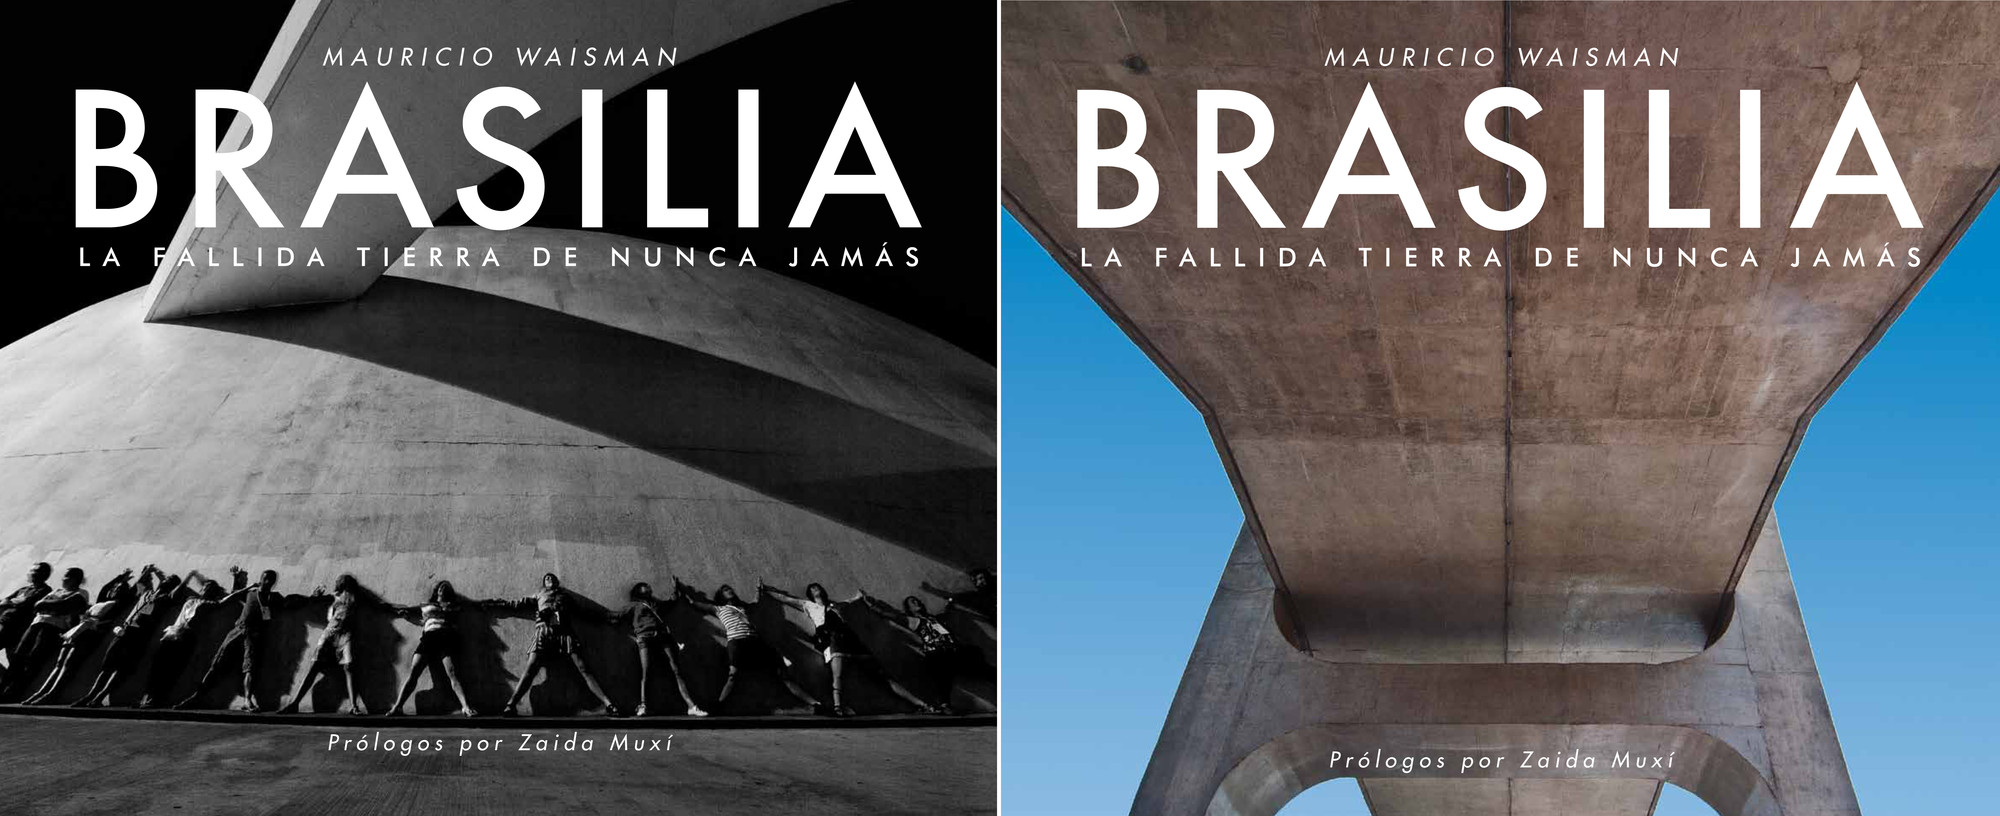 BRASILIA / La Fallida Tierra de Nunca Jamás , © Mauricio Waisman